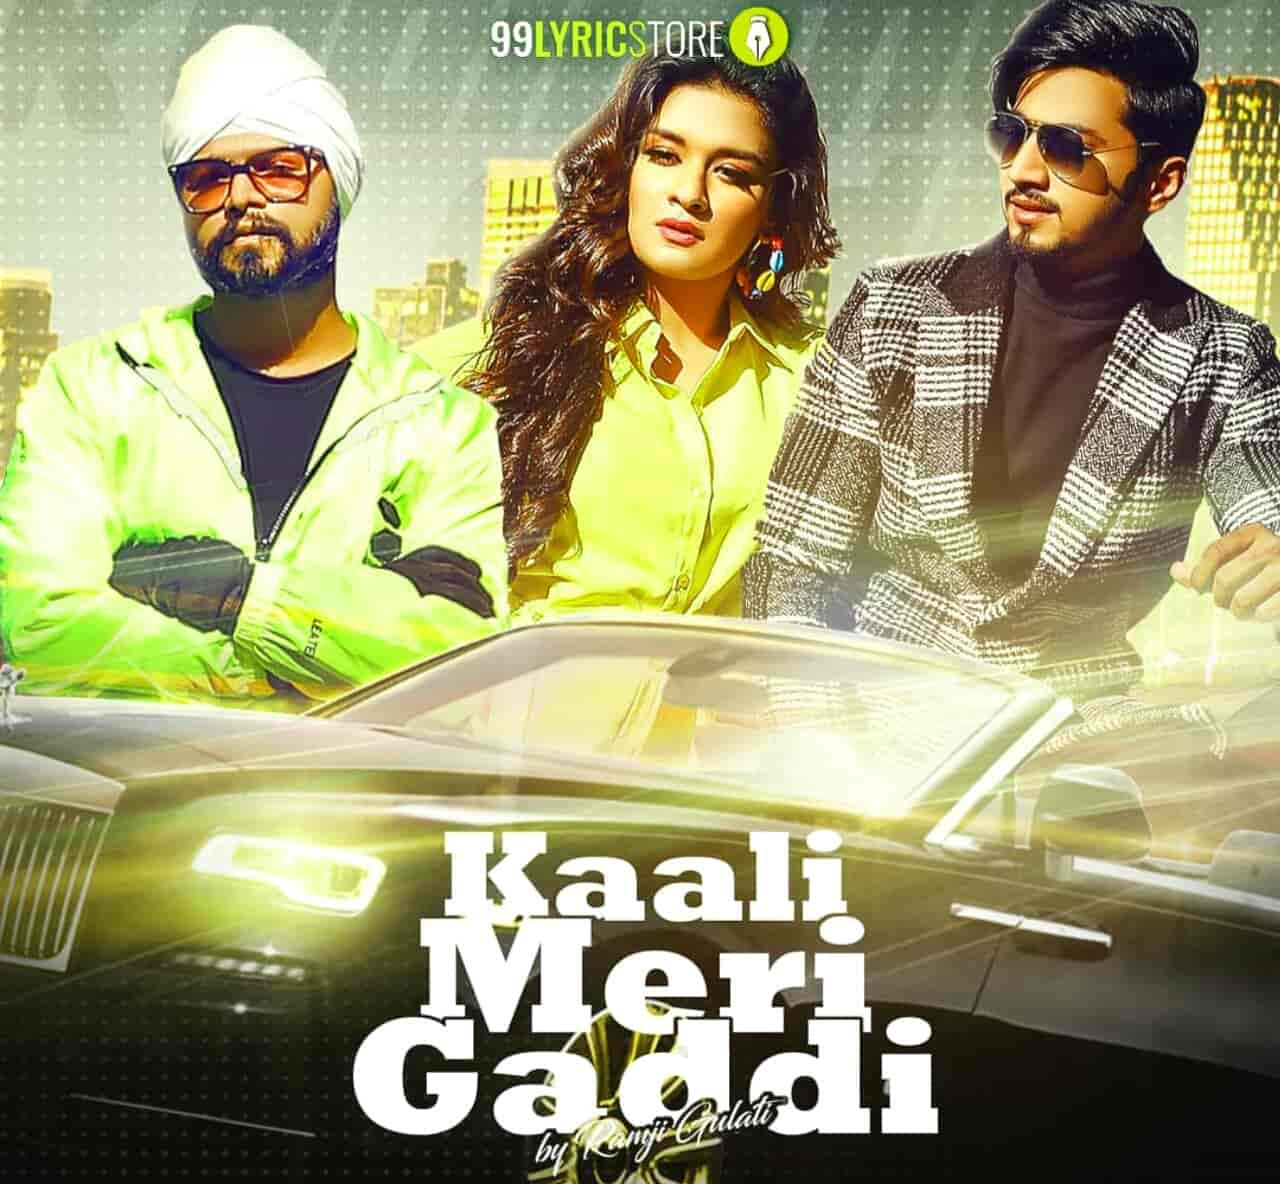 Kaali Meri Gaddi Lyrics Images Mr. Faisu